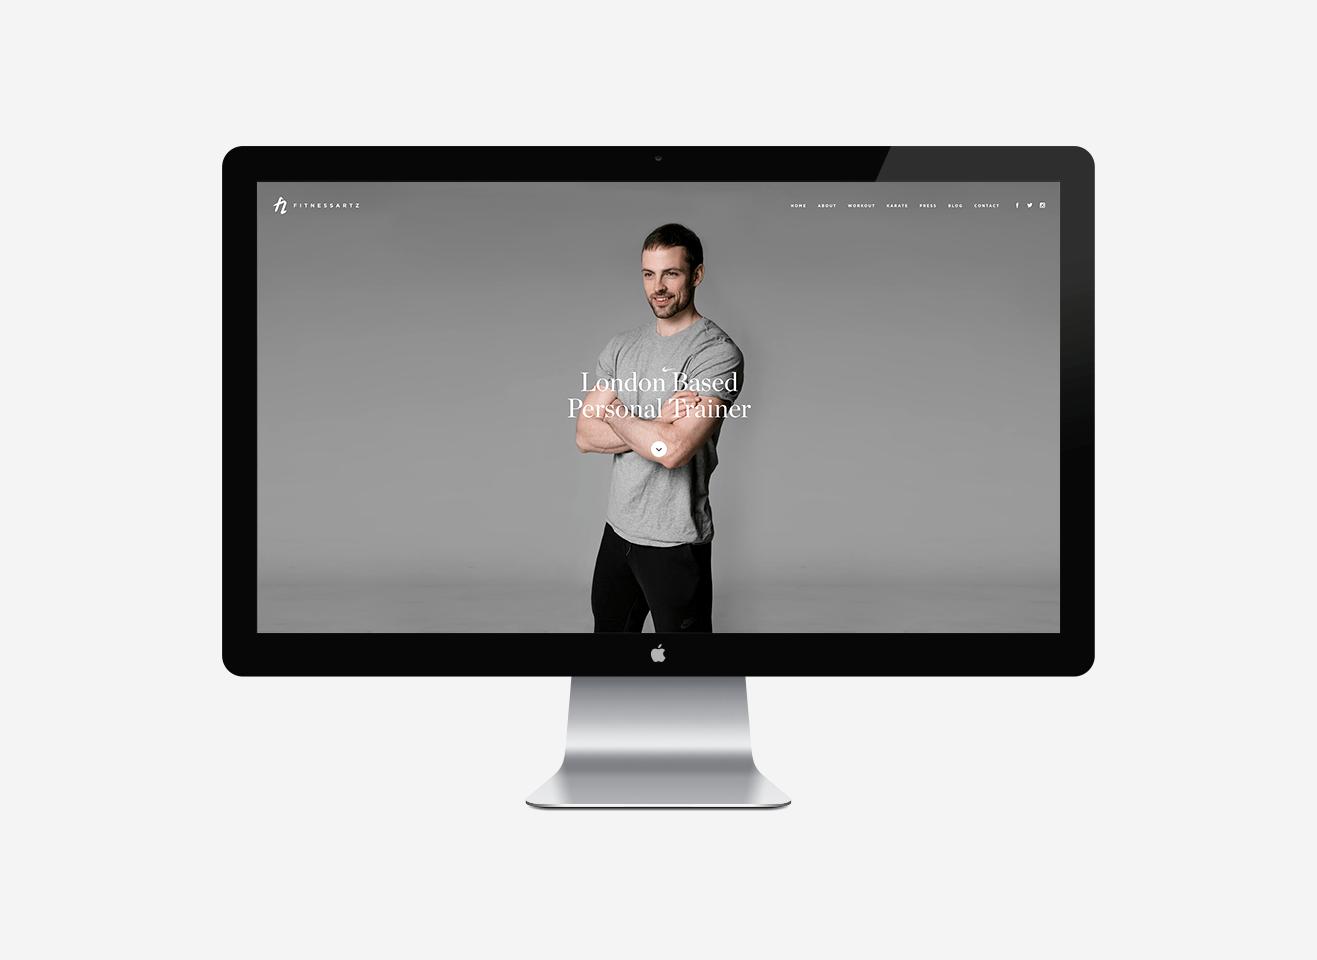 FitnessArtz Web Design